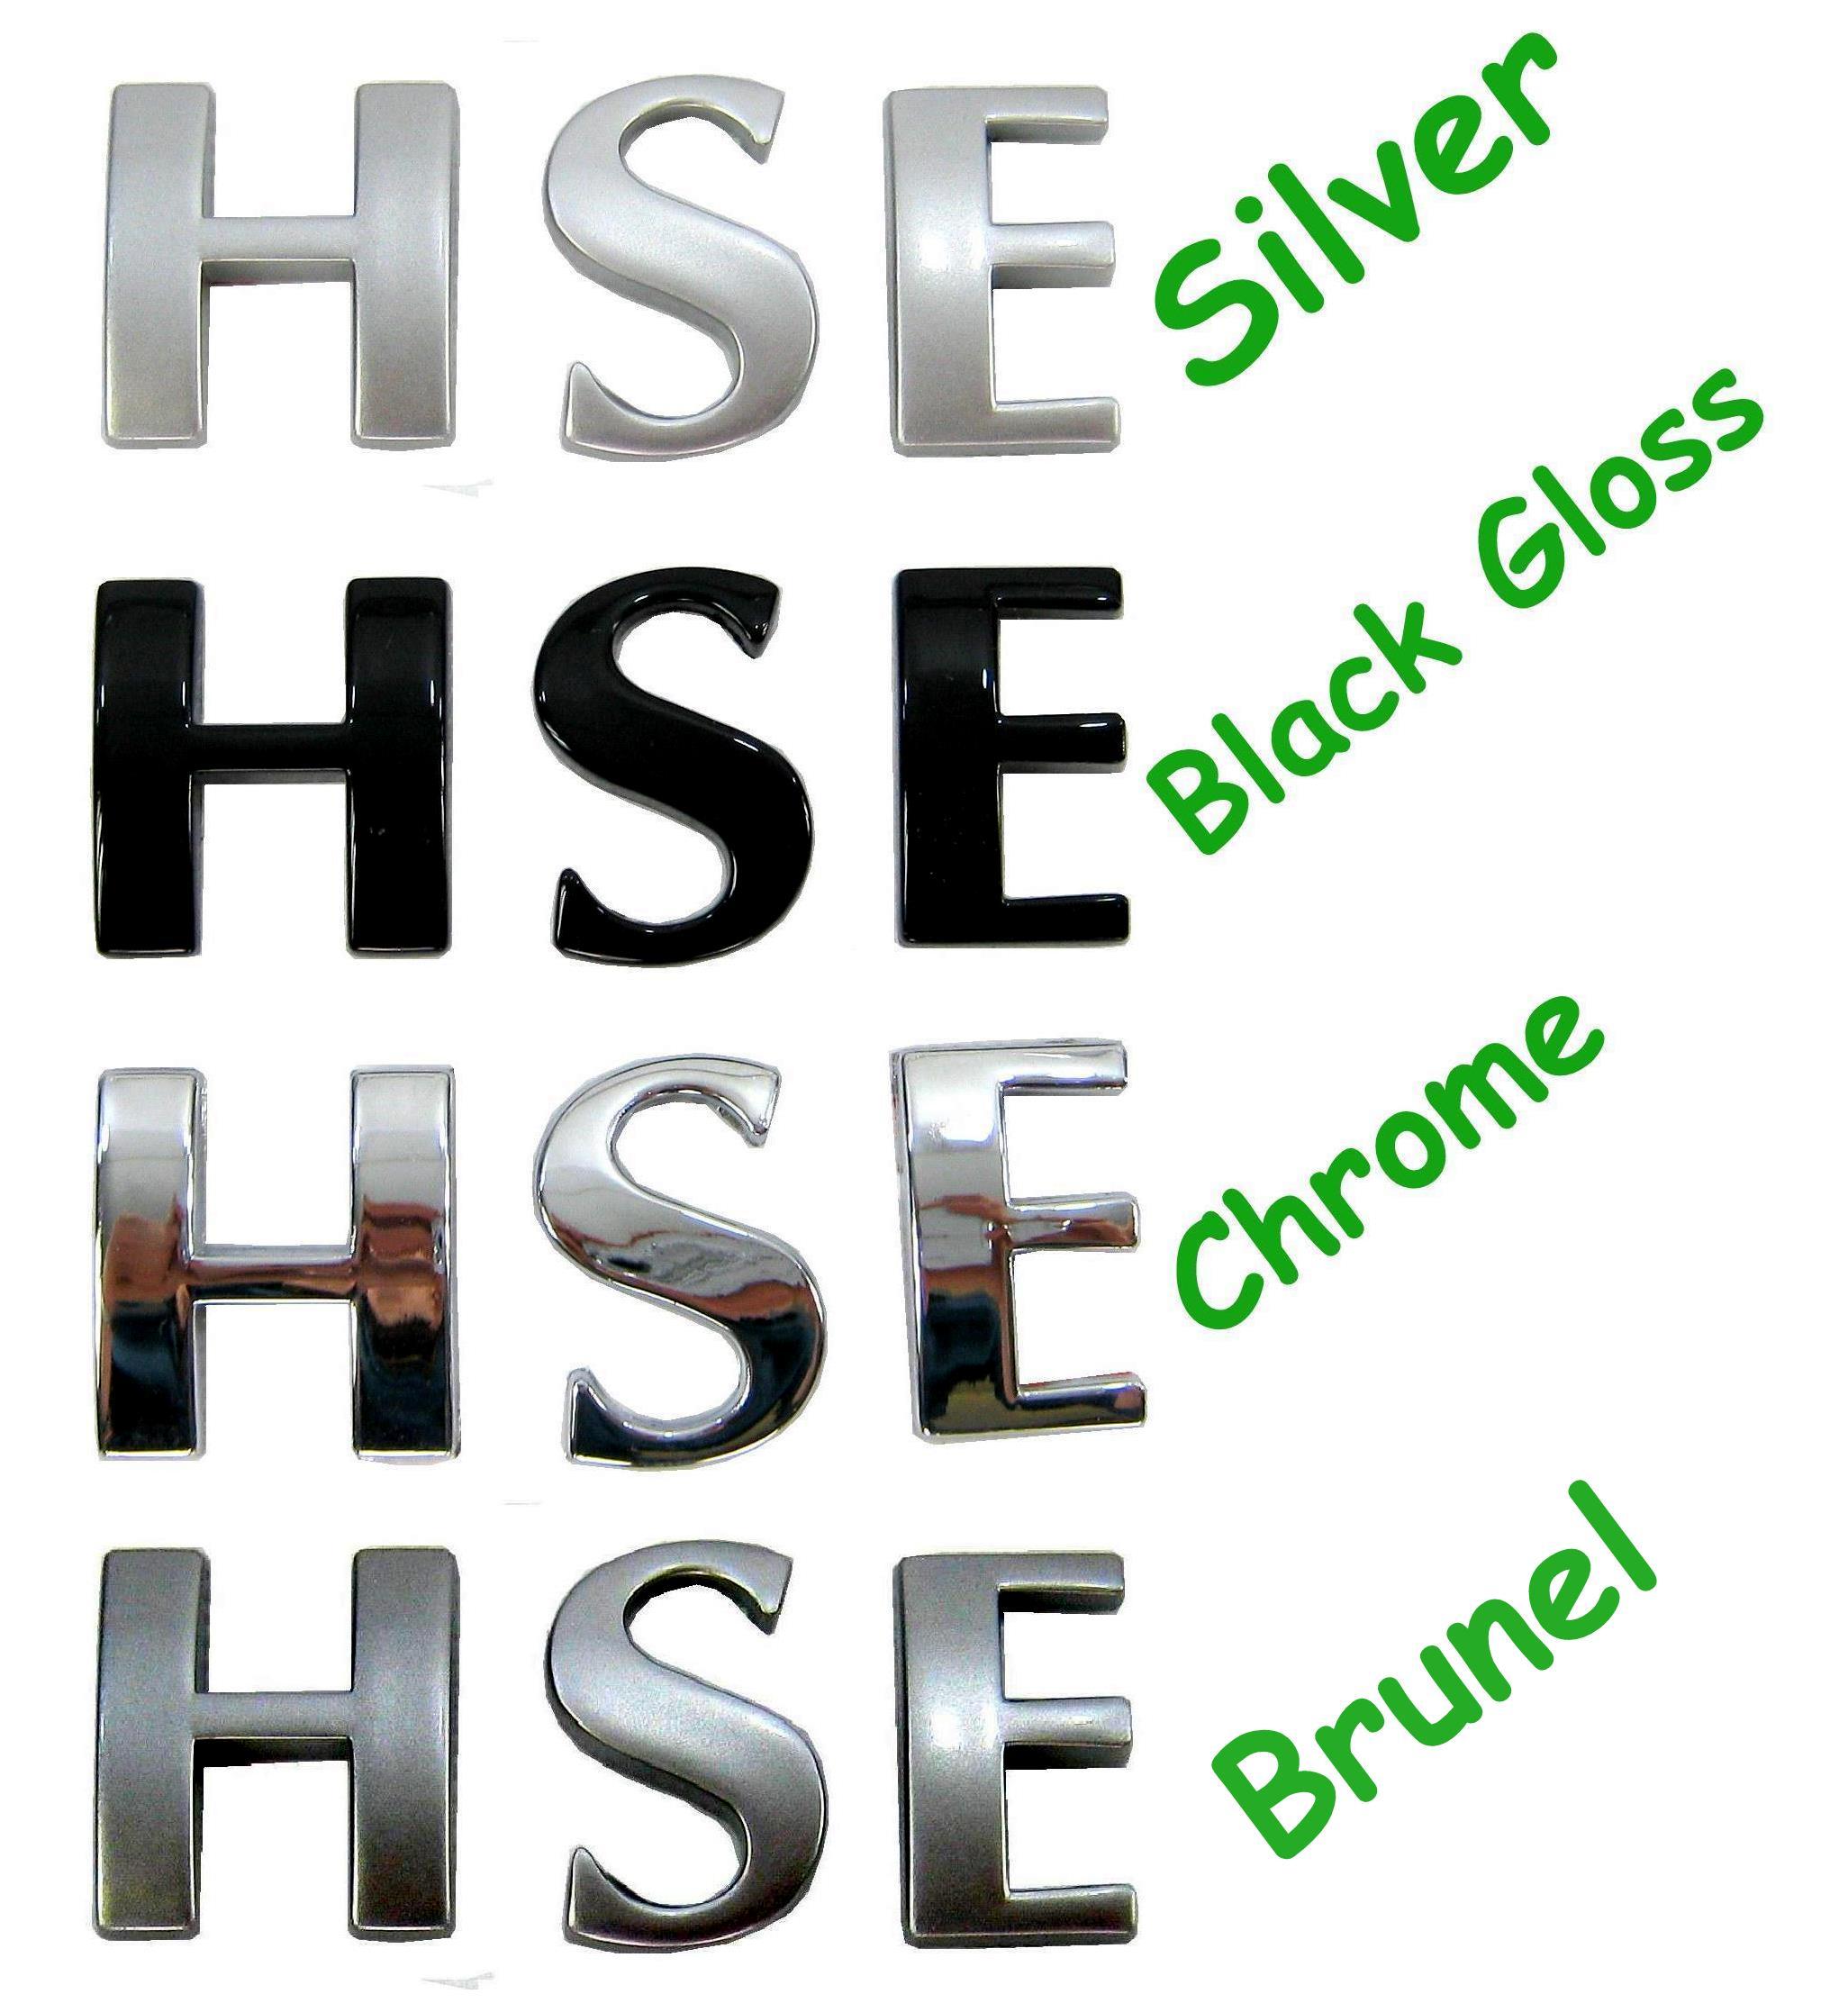 silver lettering hse for range rover p38 classic logo ebay rh ebay co uk range rover login range rover logo hat